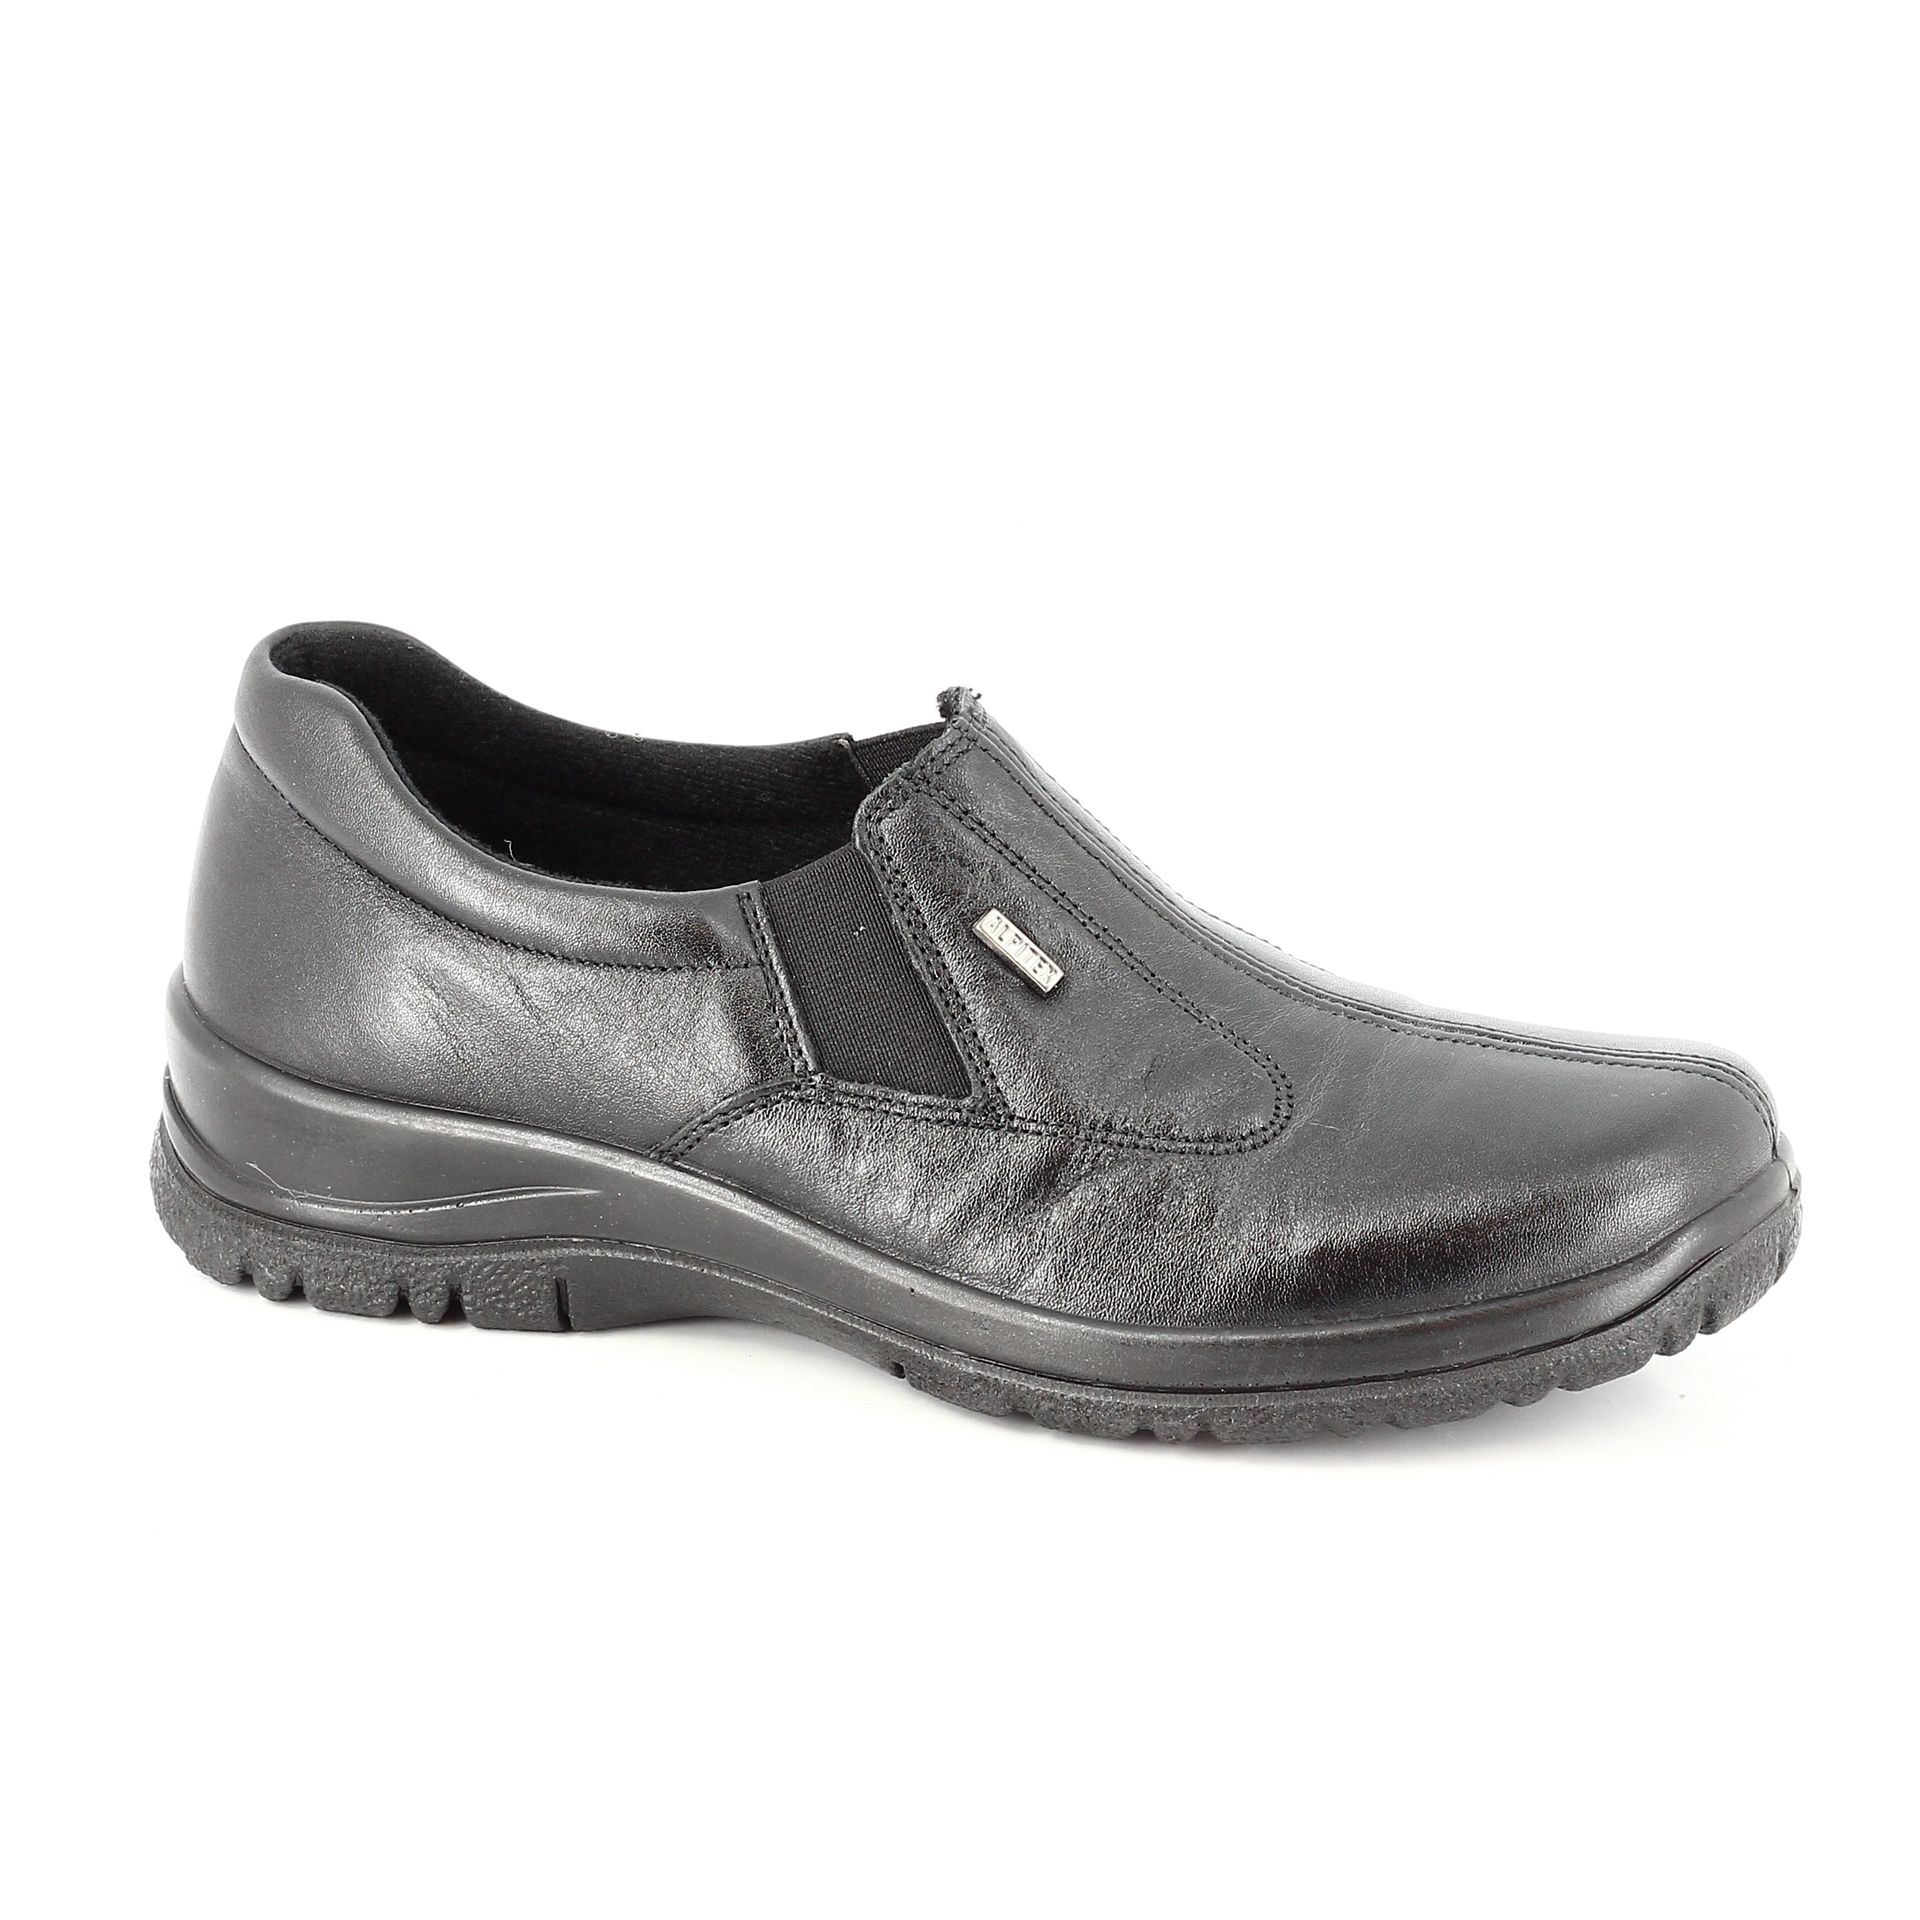 Bercolini Kényelmes cipők Alpina, női, fél, bőr